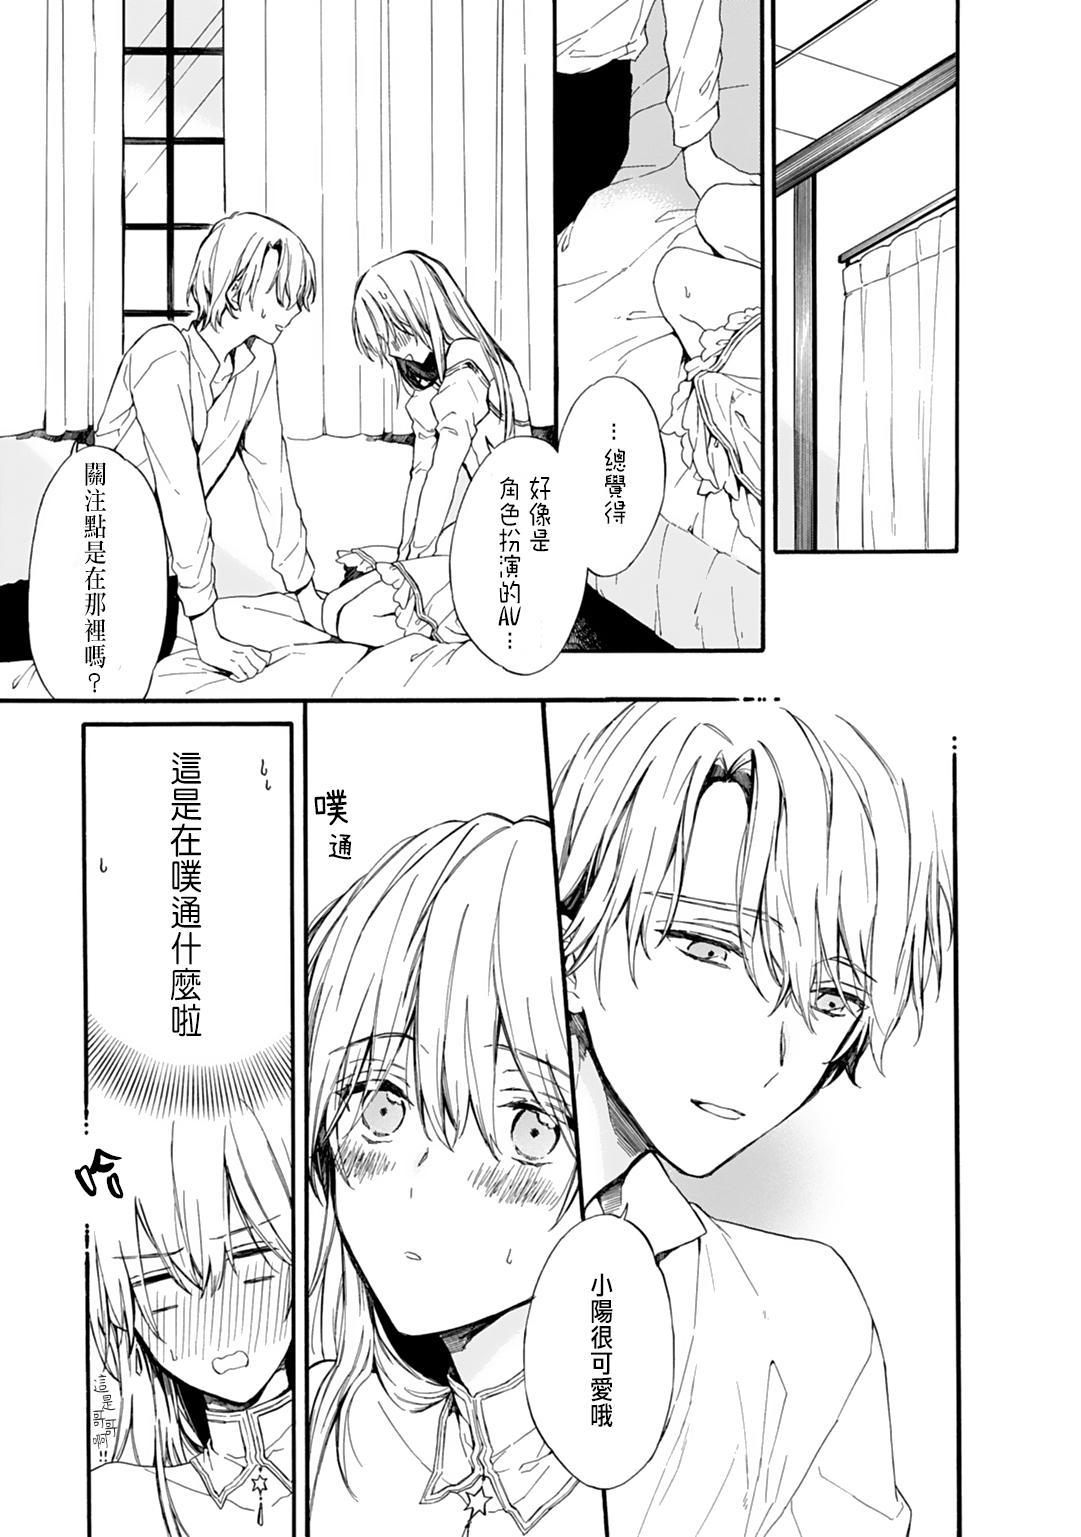 [Suzushiro Nerita] Otomege (18-kin) de Nyotaika shita Ore wa ~Clear Jouken wa Dekiai Ecchi!?~ 1-3 [Chinese] 18